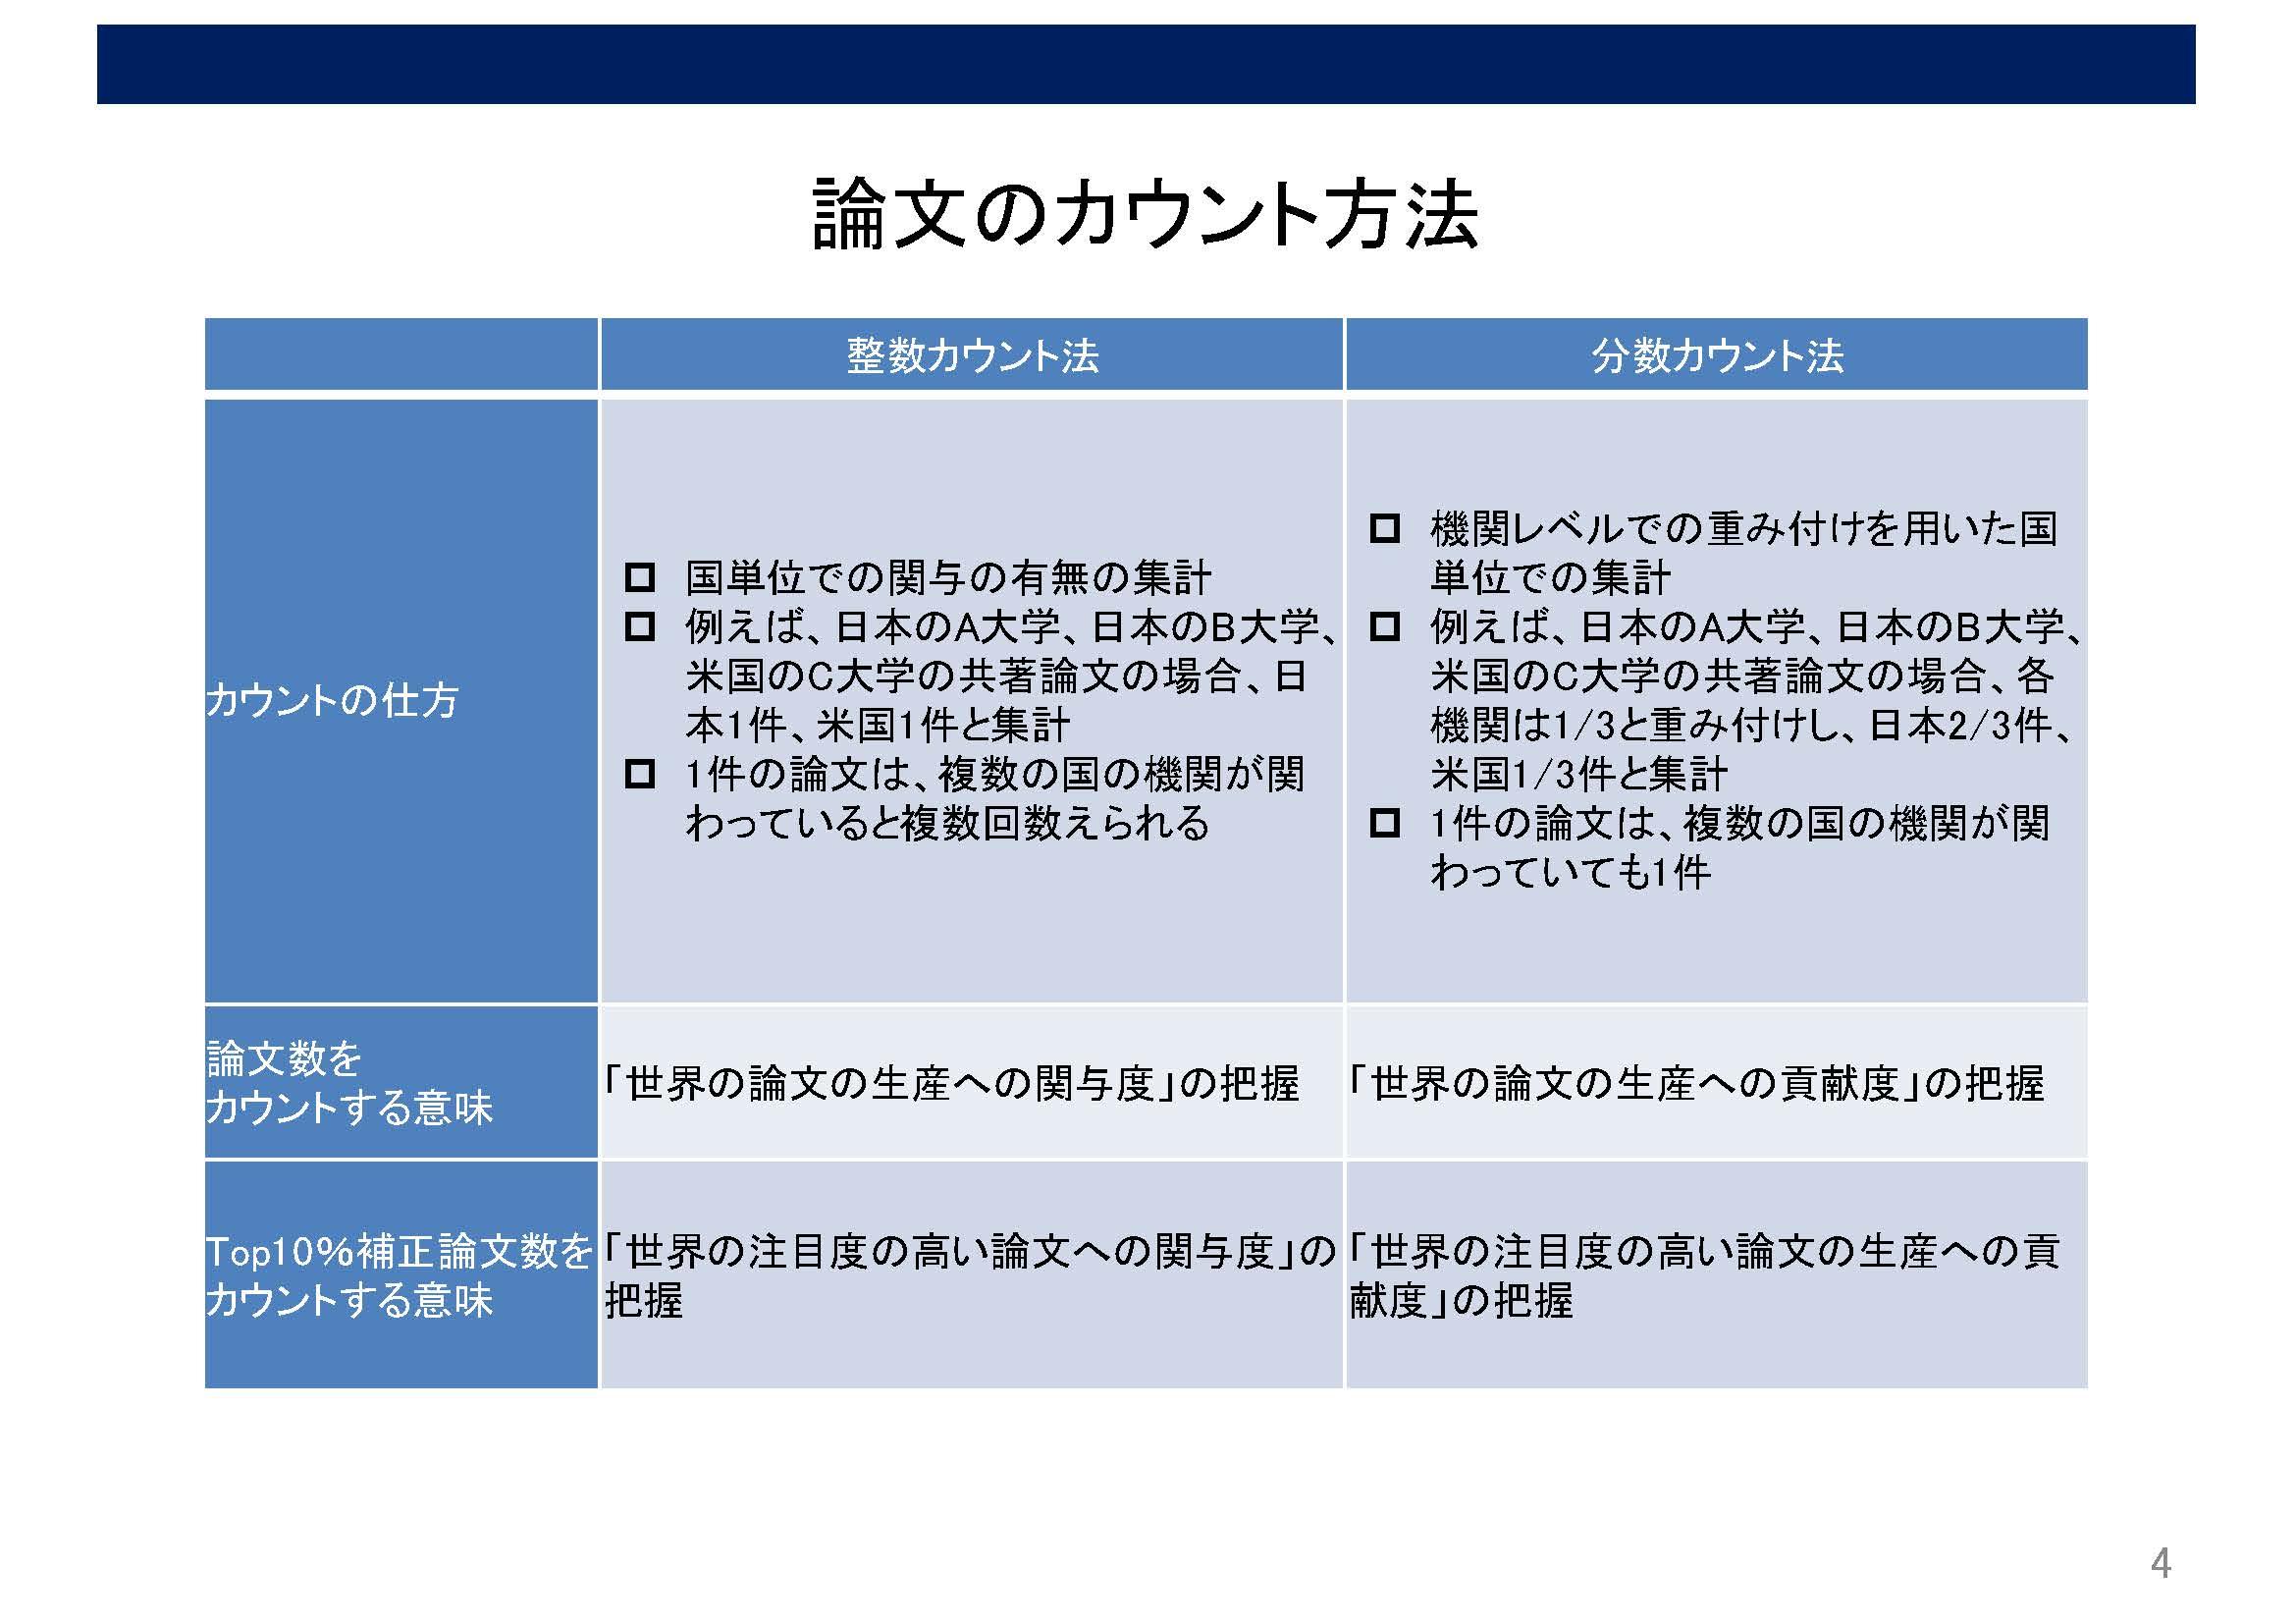 阪氏講演資料3